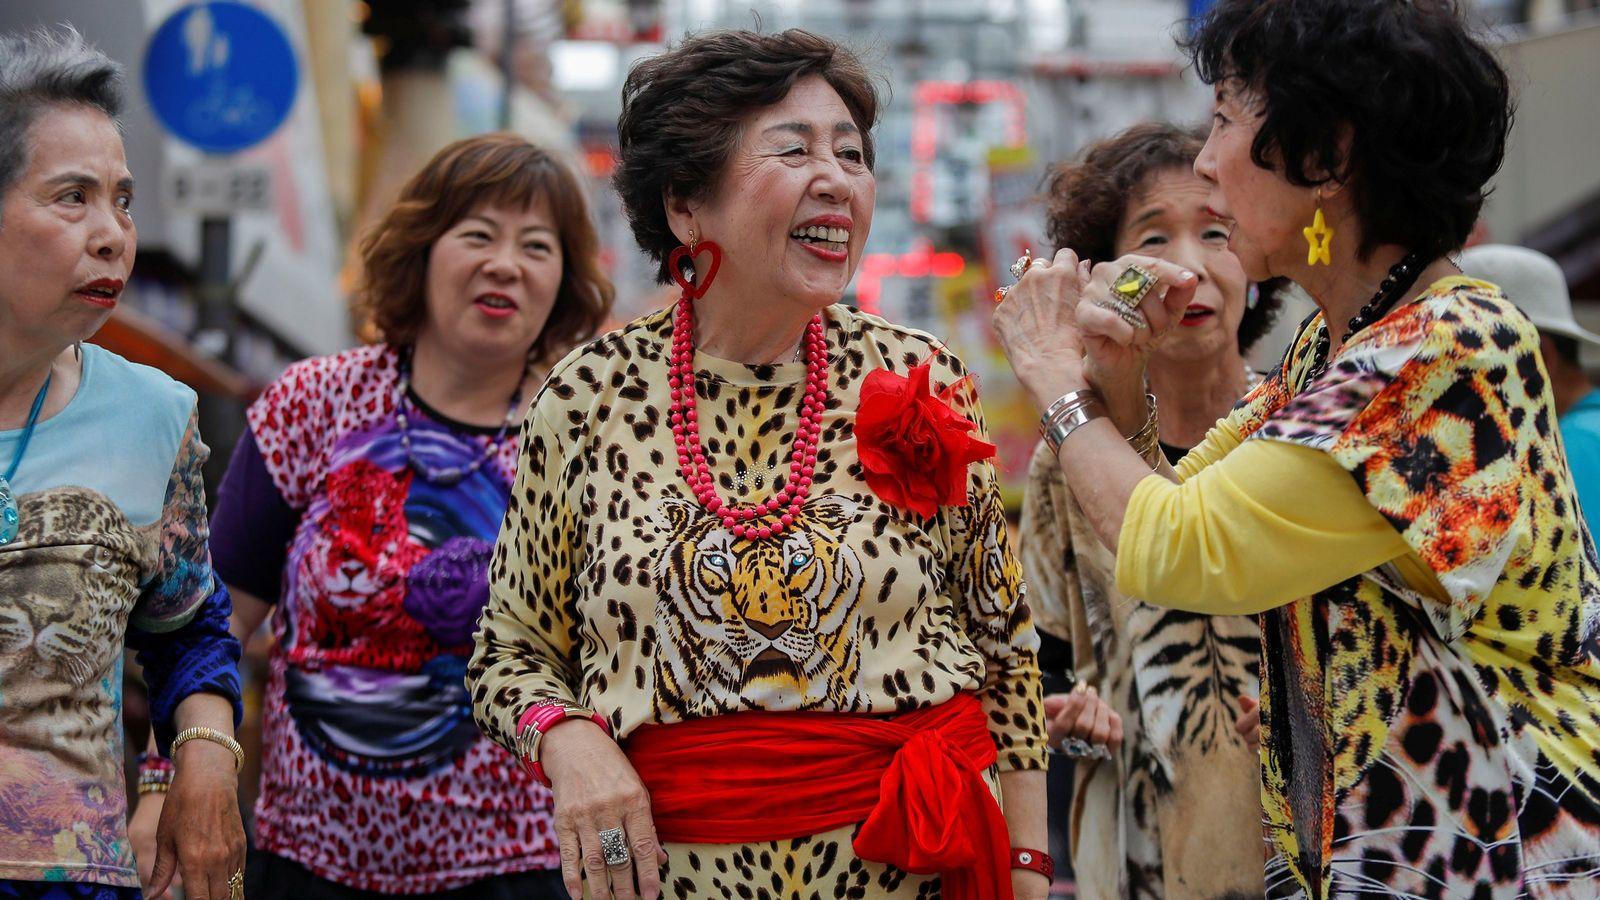 「大阪のおばちゃん」は中国人向けの観光資源だ 服装が派手、世話好き、親しみやすい